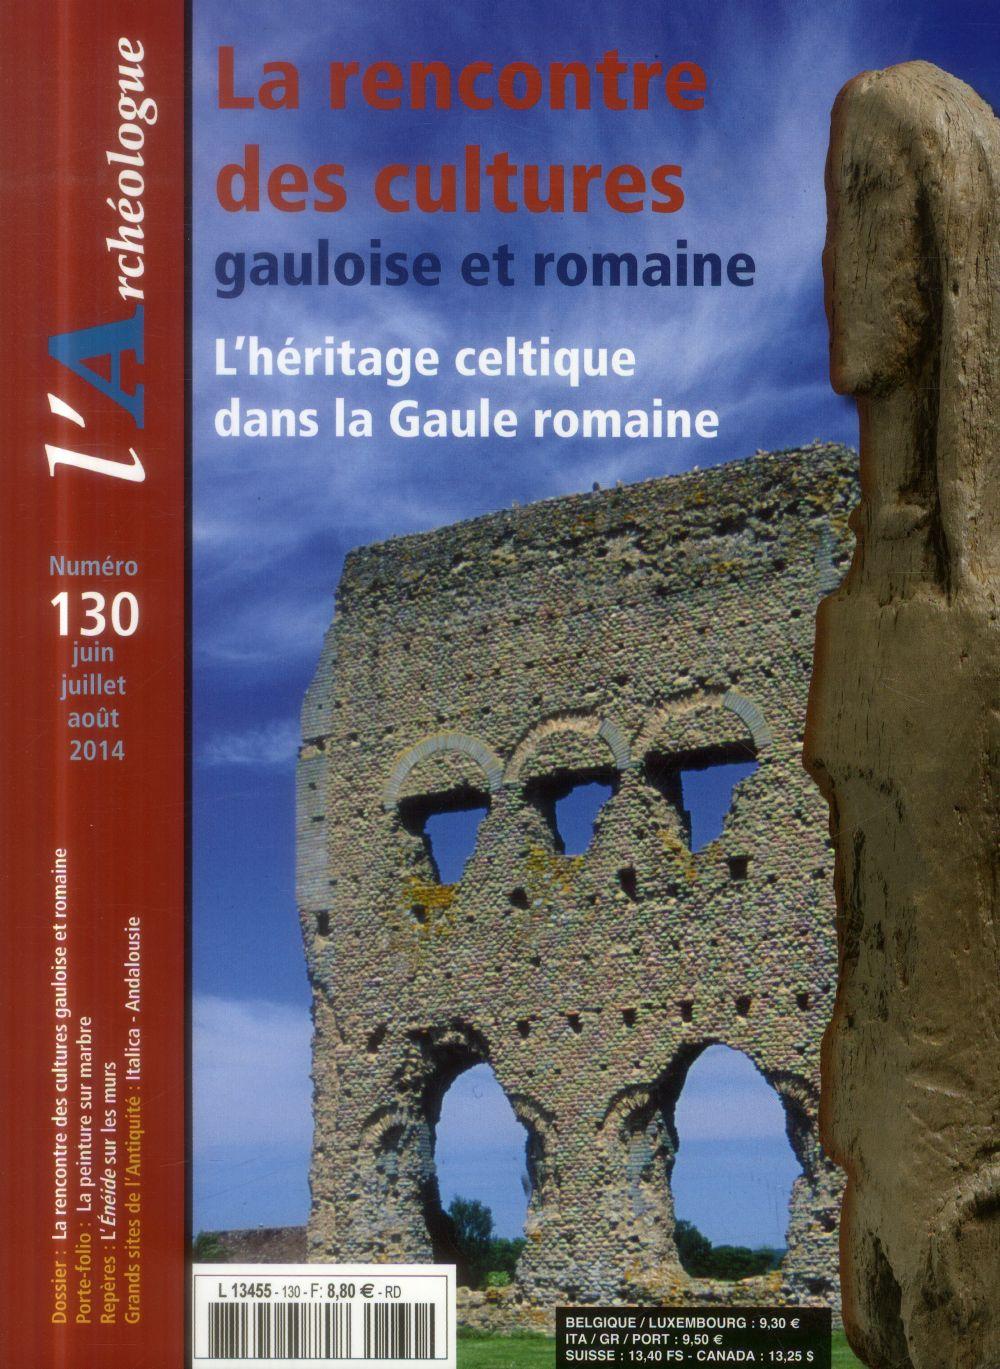 L'ARCHEOLOGUE N 130 JUIN-JUILLET-AOUT 2014 LA RENCONTRE DES CULTURES